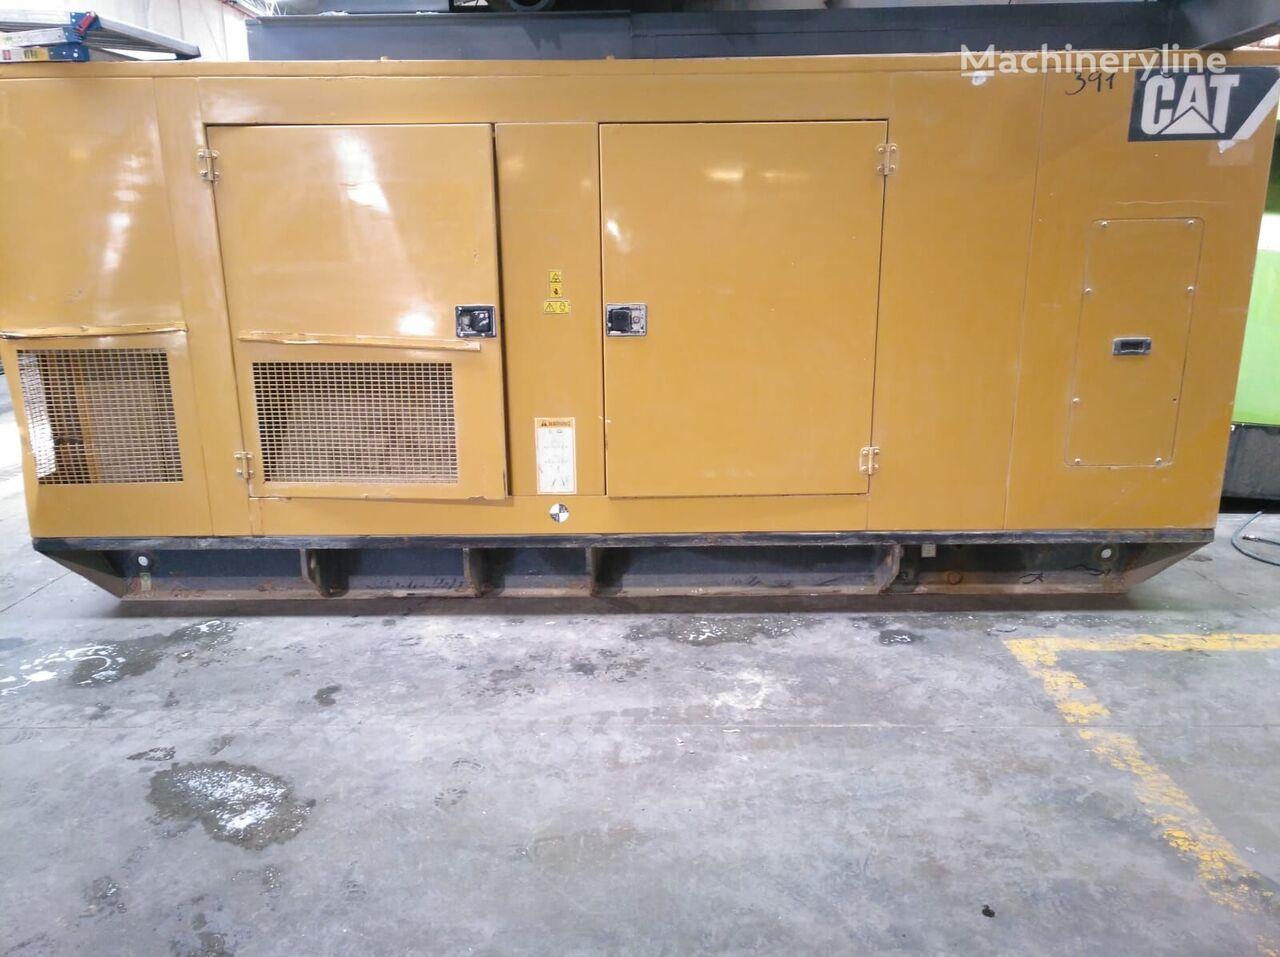 CATERPILLAR 275 KVA generador de diésel